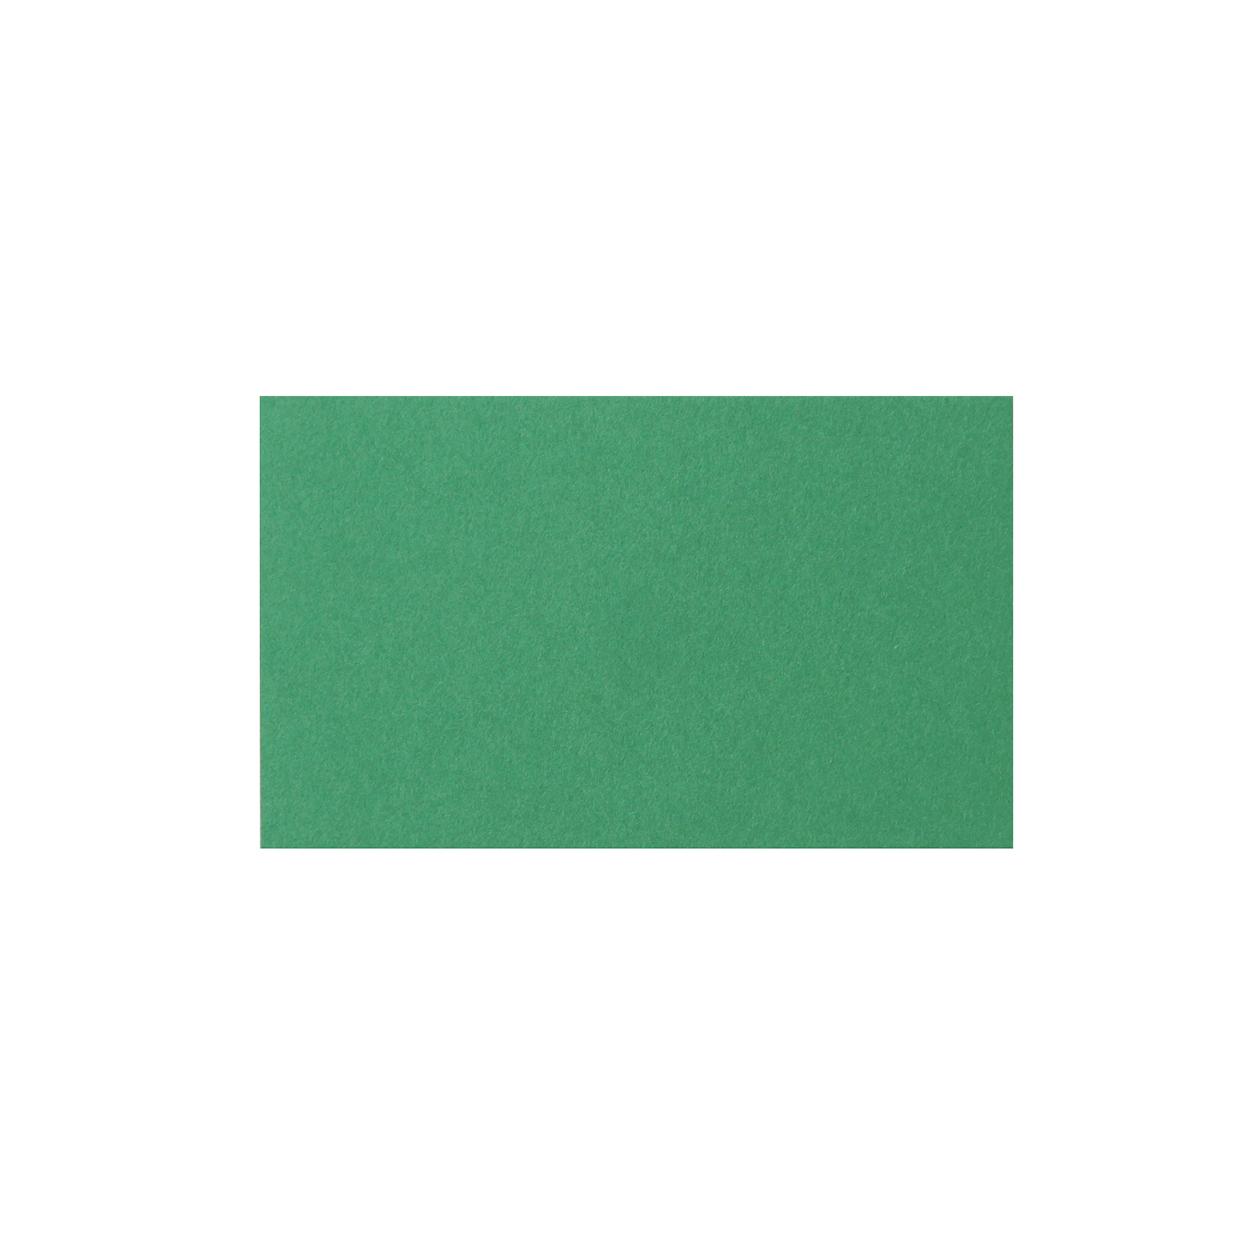 ネームカード コットン(NTラシャ) 緑 151.2g